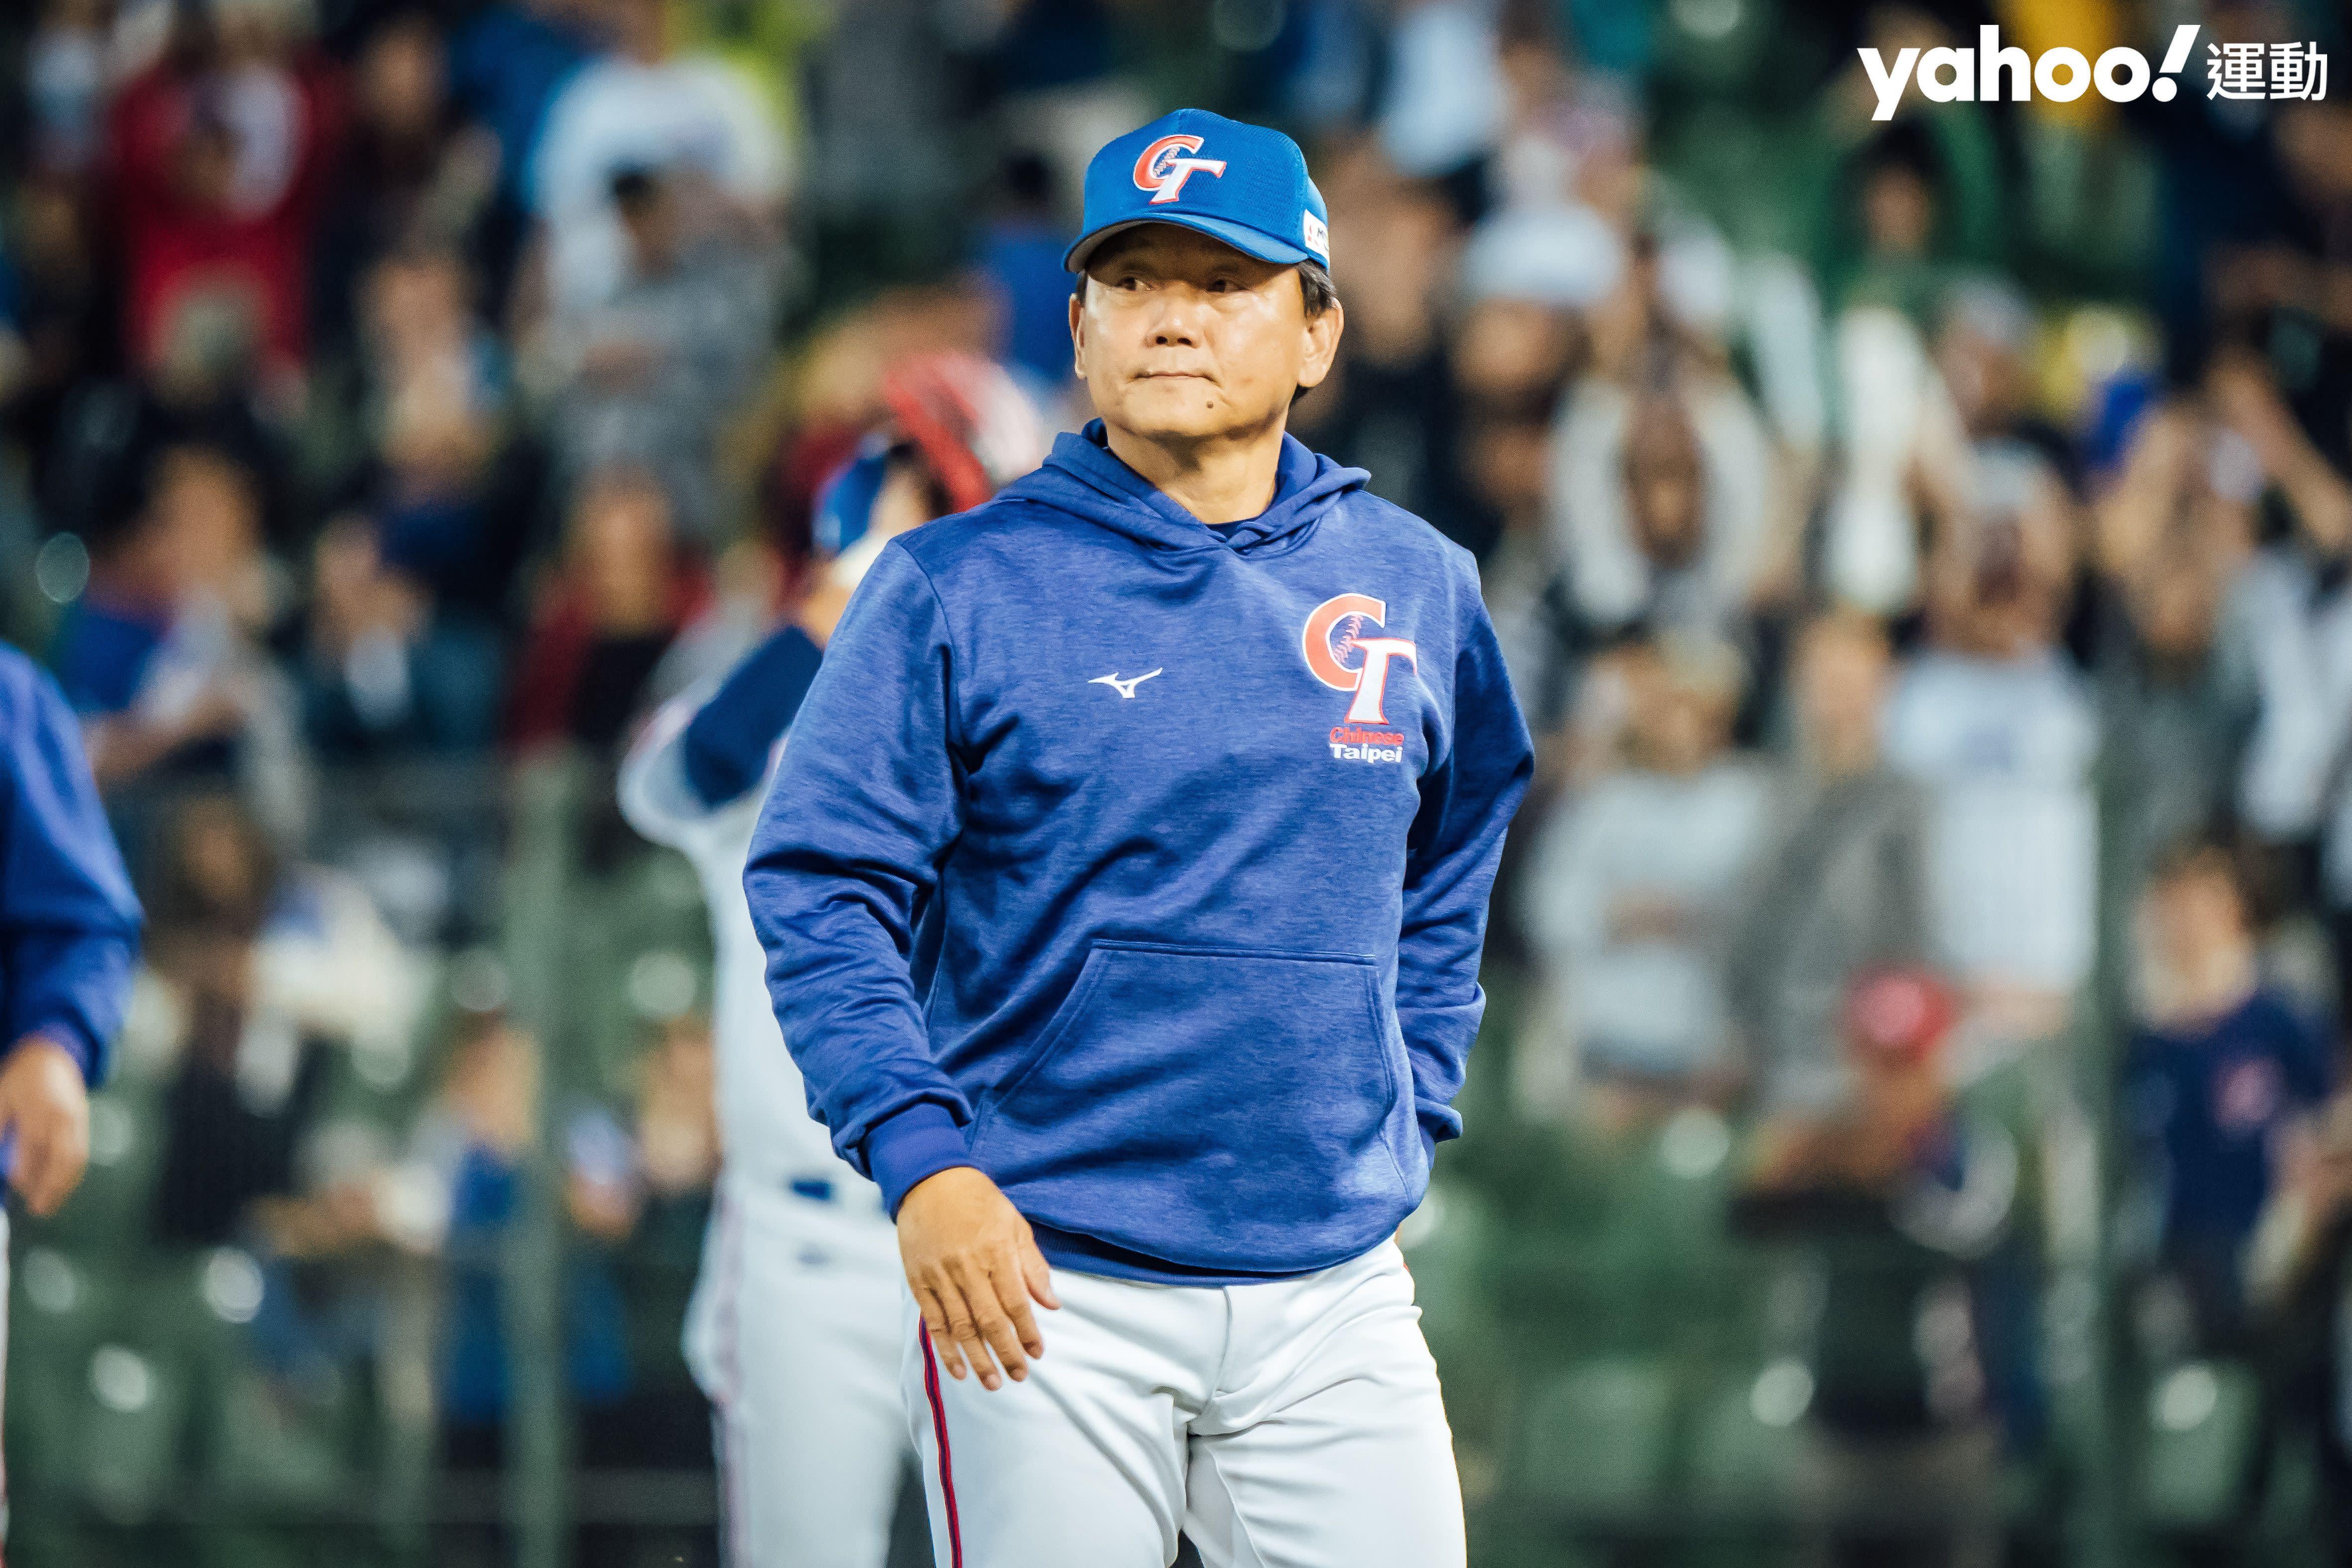 洪總續任6搶1中華棒球隊總教練,你的看法是?